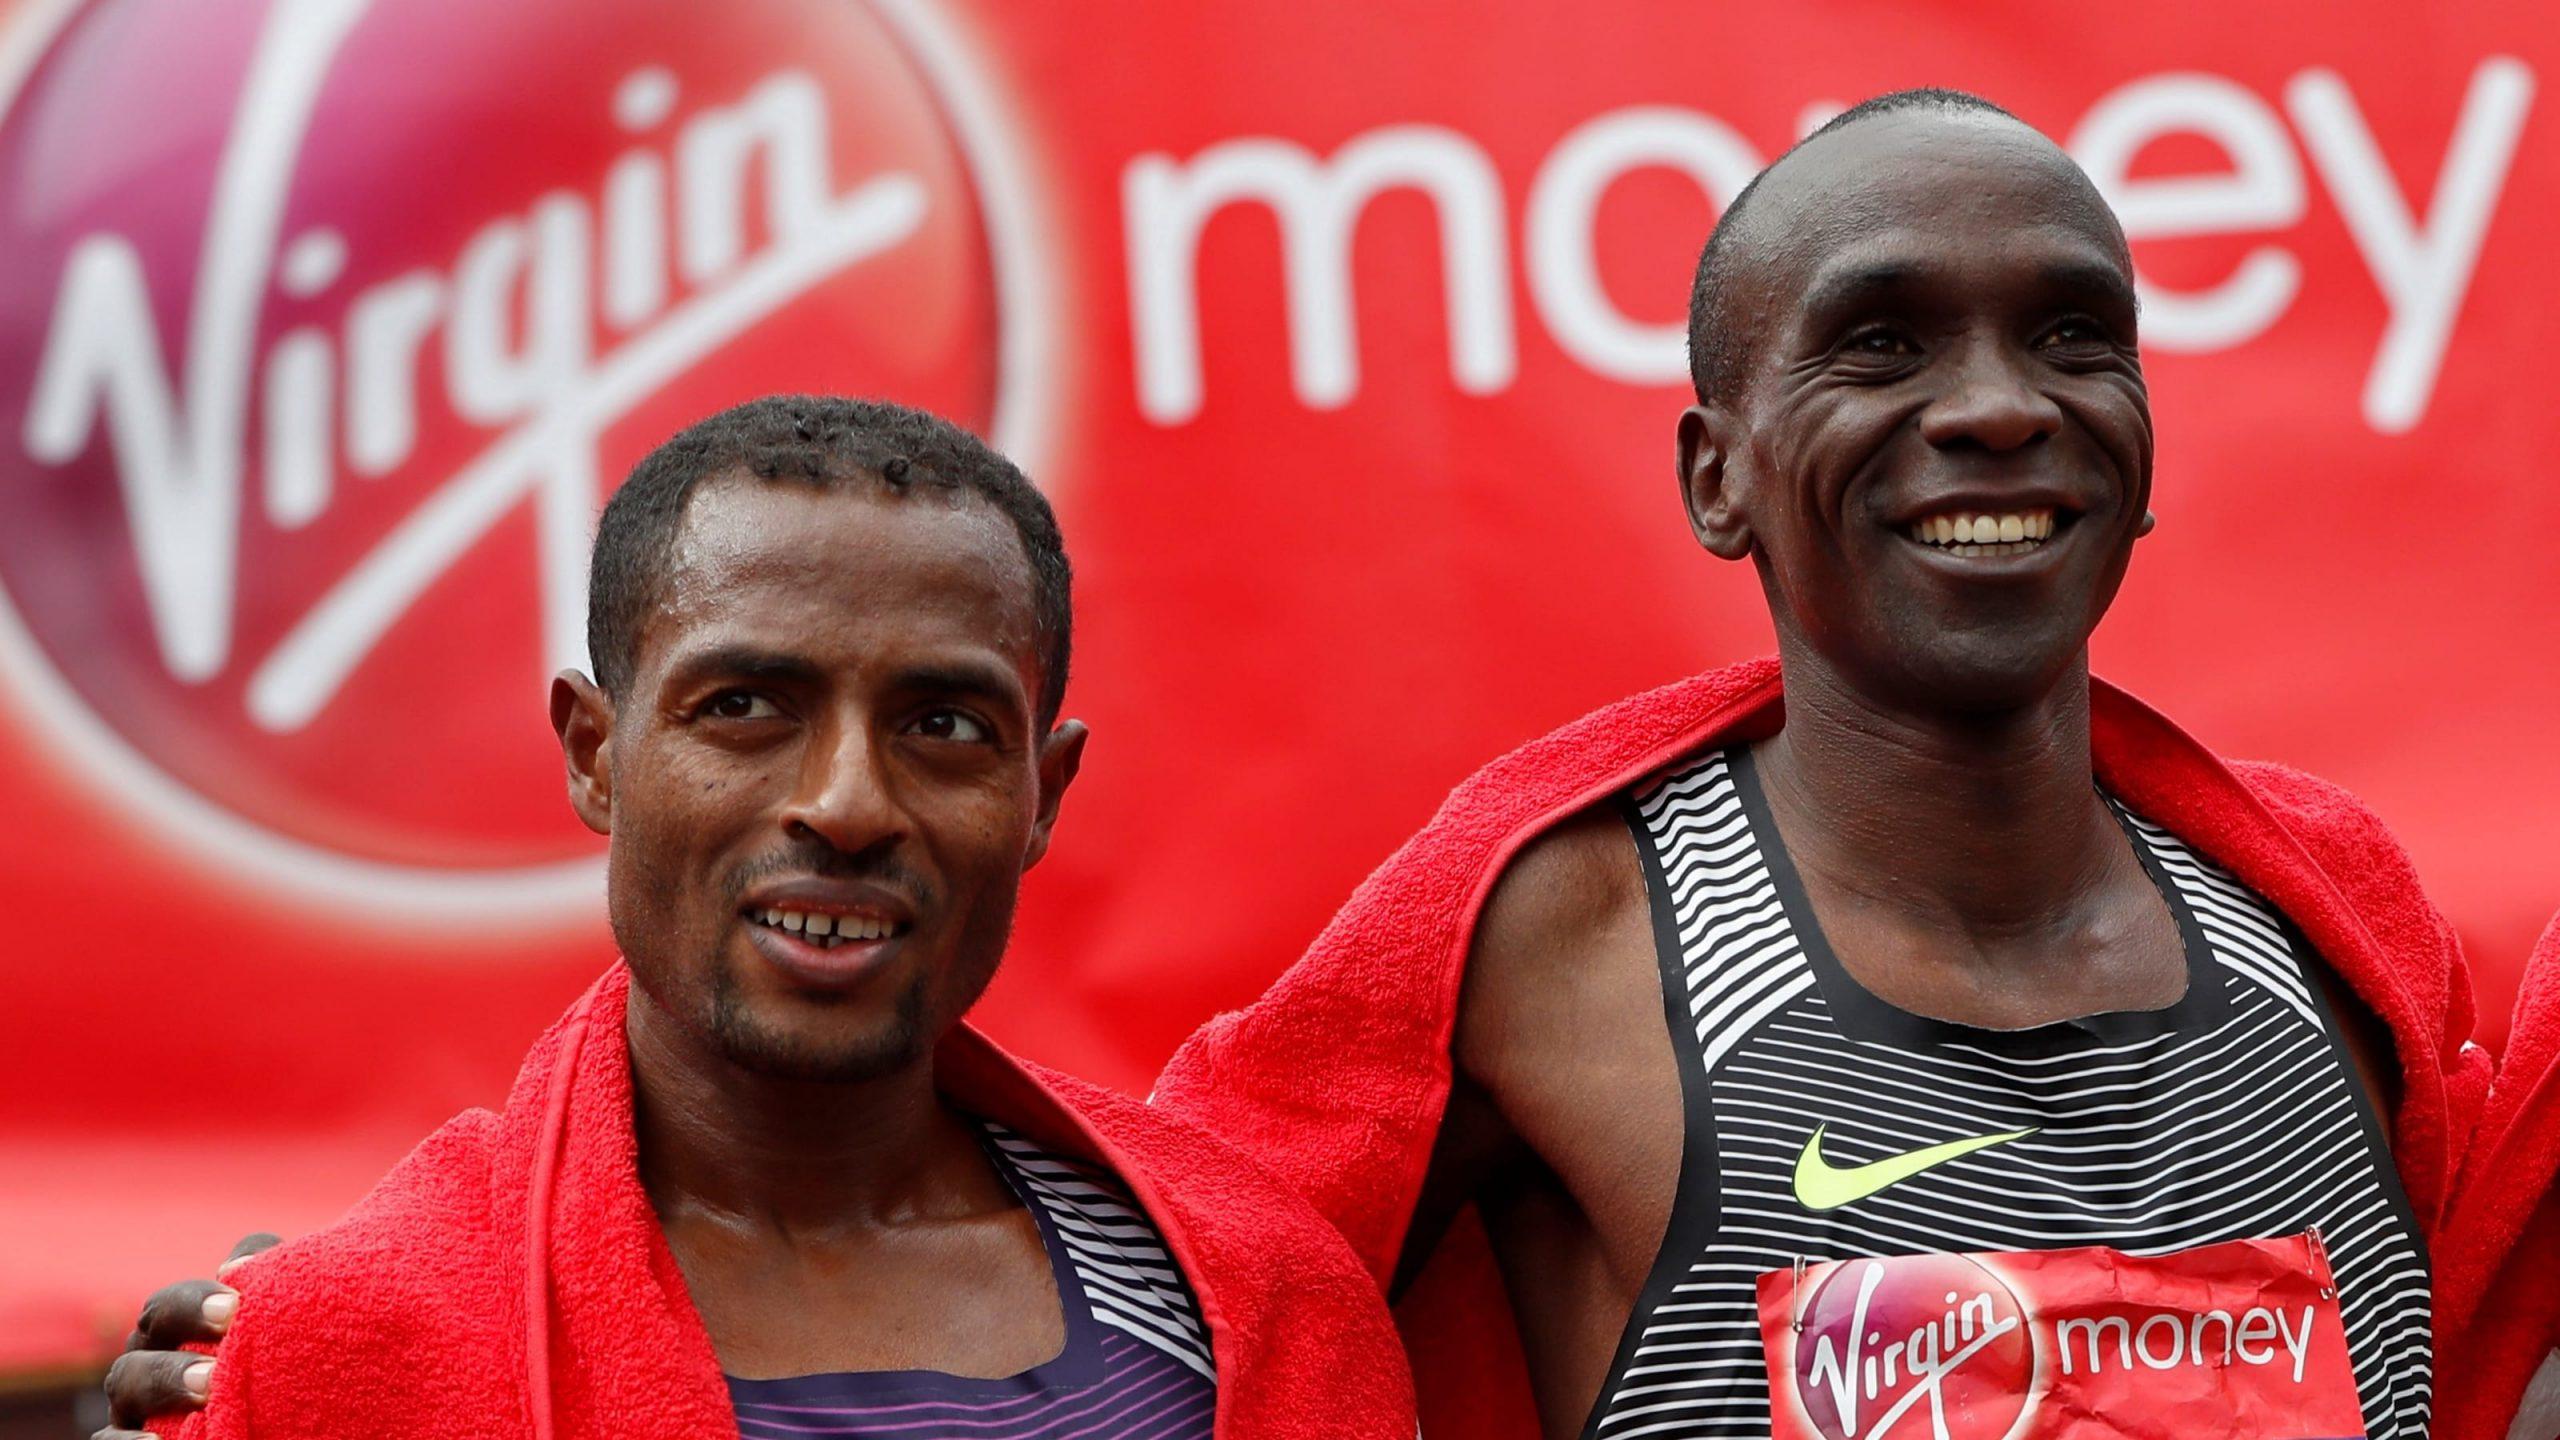 Maratona de Londres 2020: saiba tudo sobre a edição deste domingo